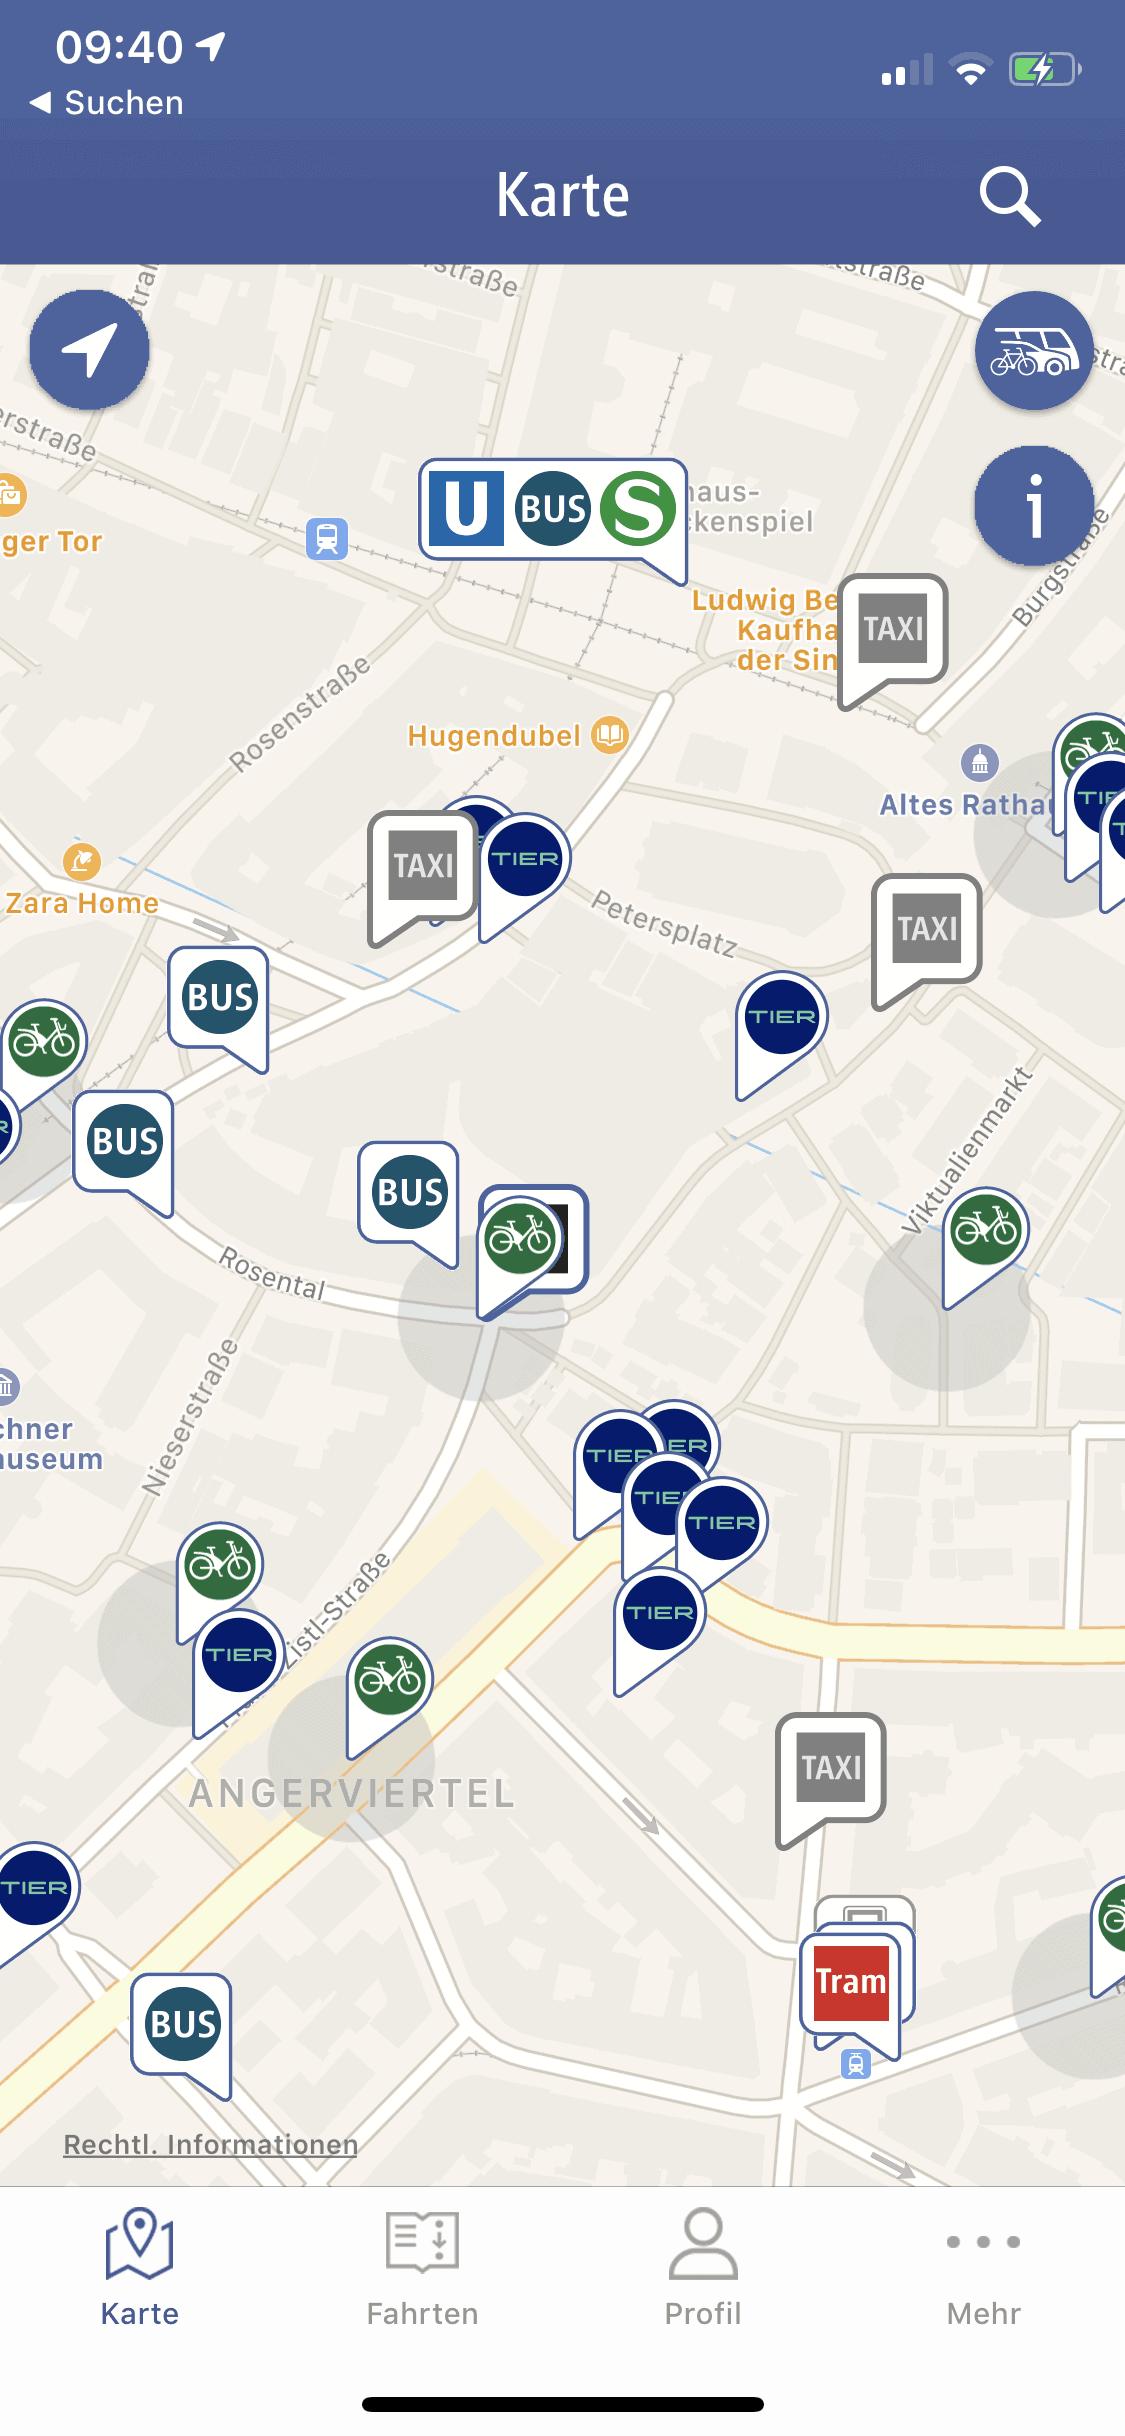 München_MVG_more_Karte